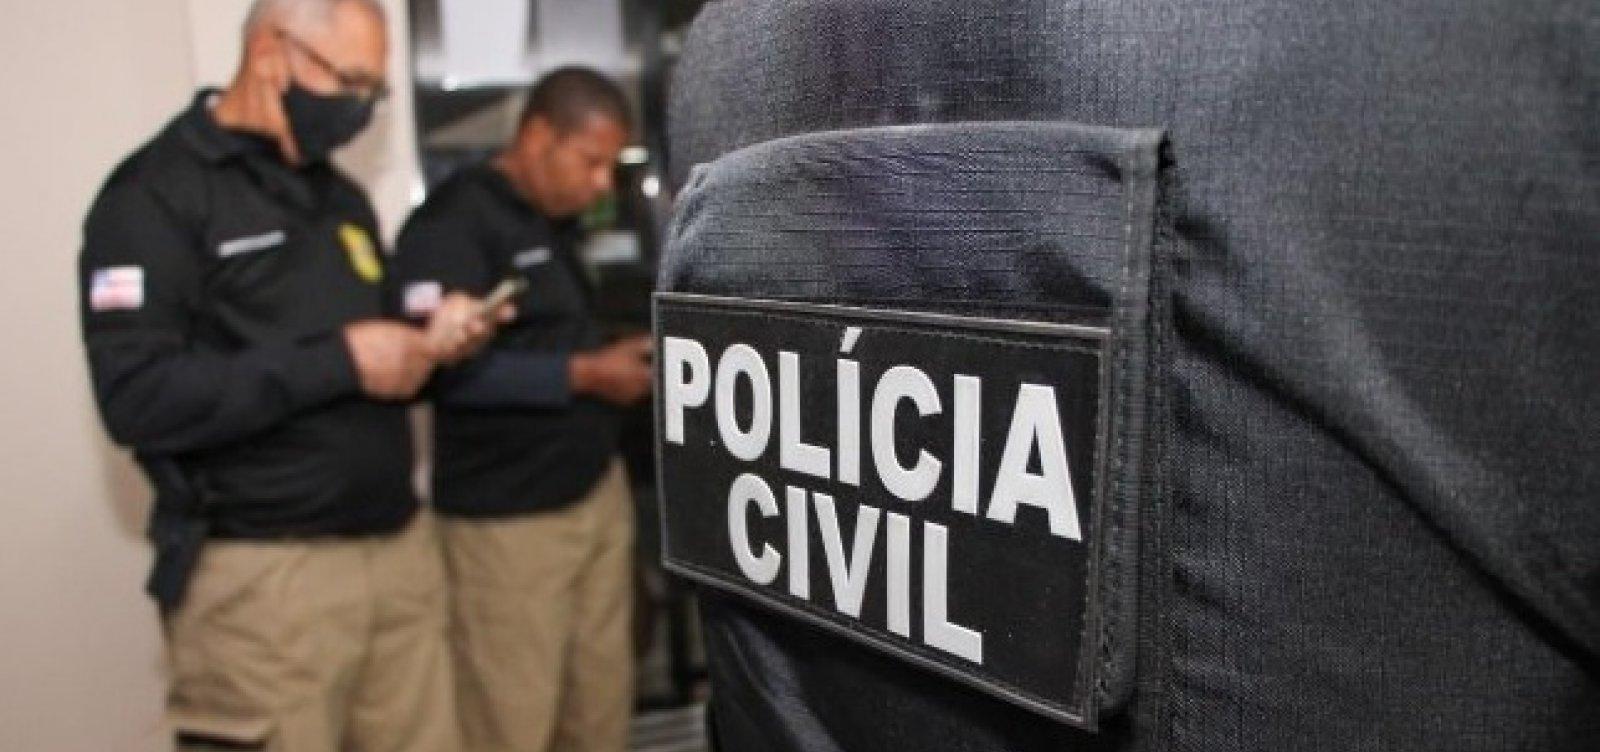 Suspeito de homicídio, homem foragido de Ilhéus é preso em SP